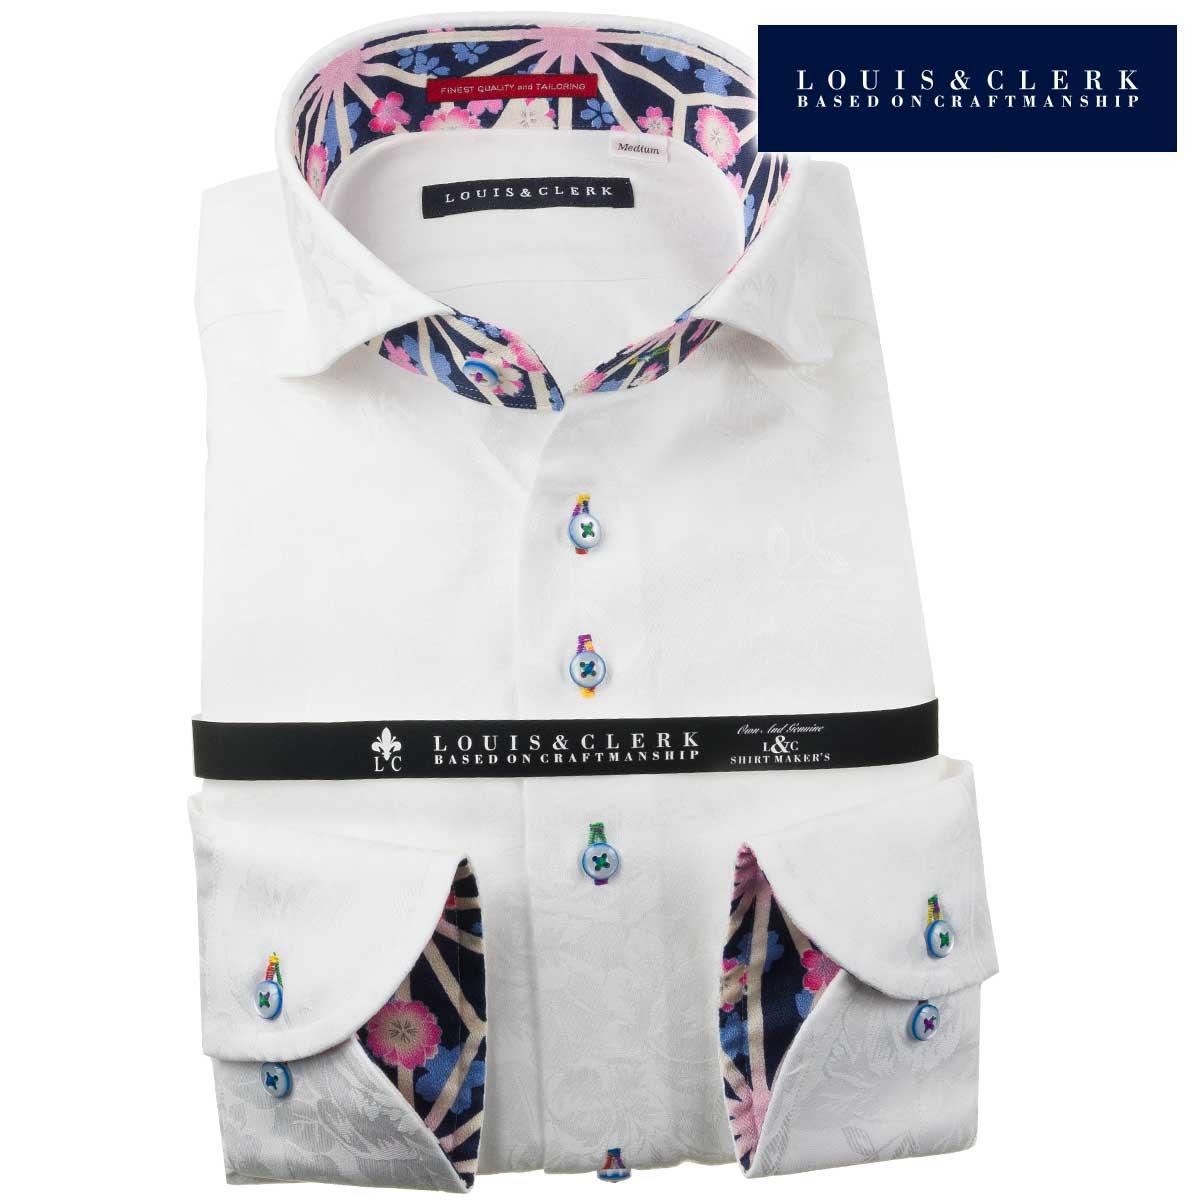 ドレスシャツ ワイシャツ シャツ メンズ 国産 長袖 純綿100% コンフォート カッタウェイワイドカラー ホワイト ジャガード織ペイズリー&牡丹柄 fs3gm